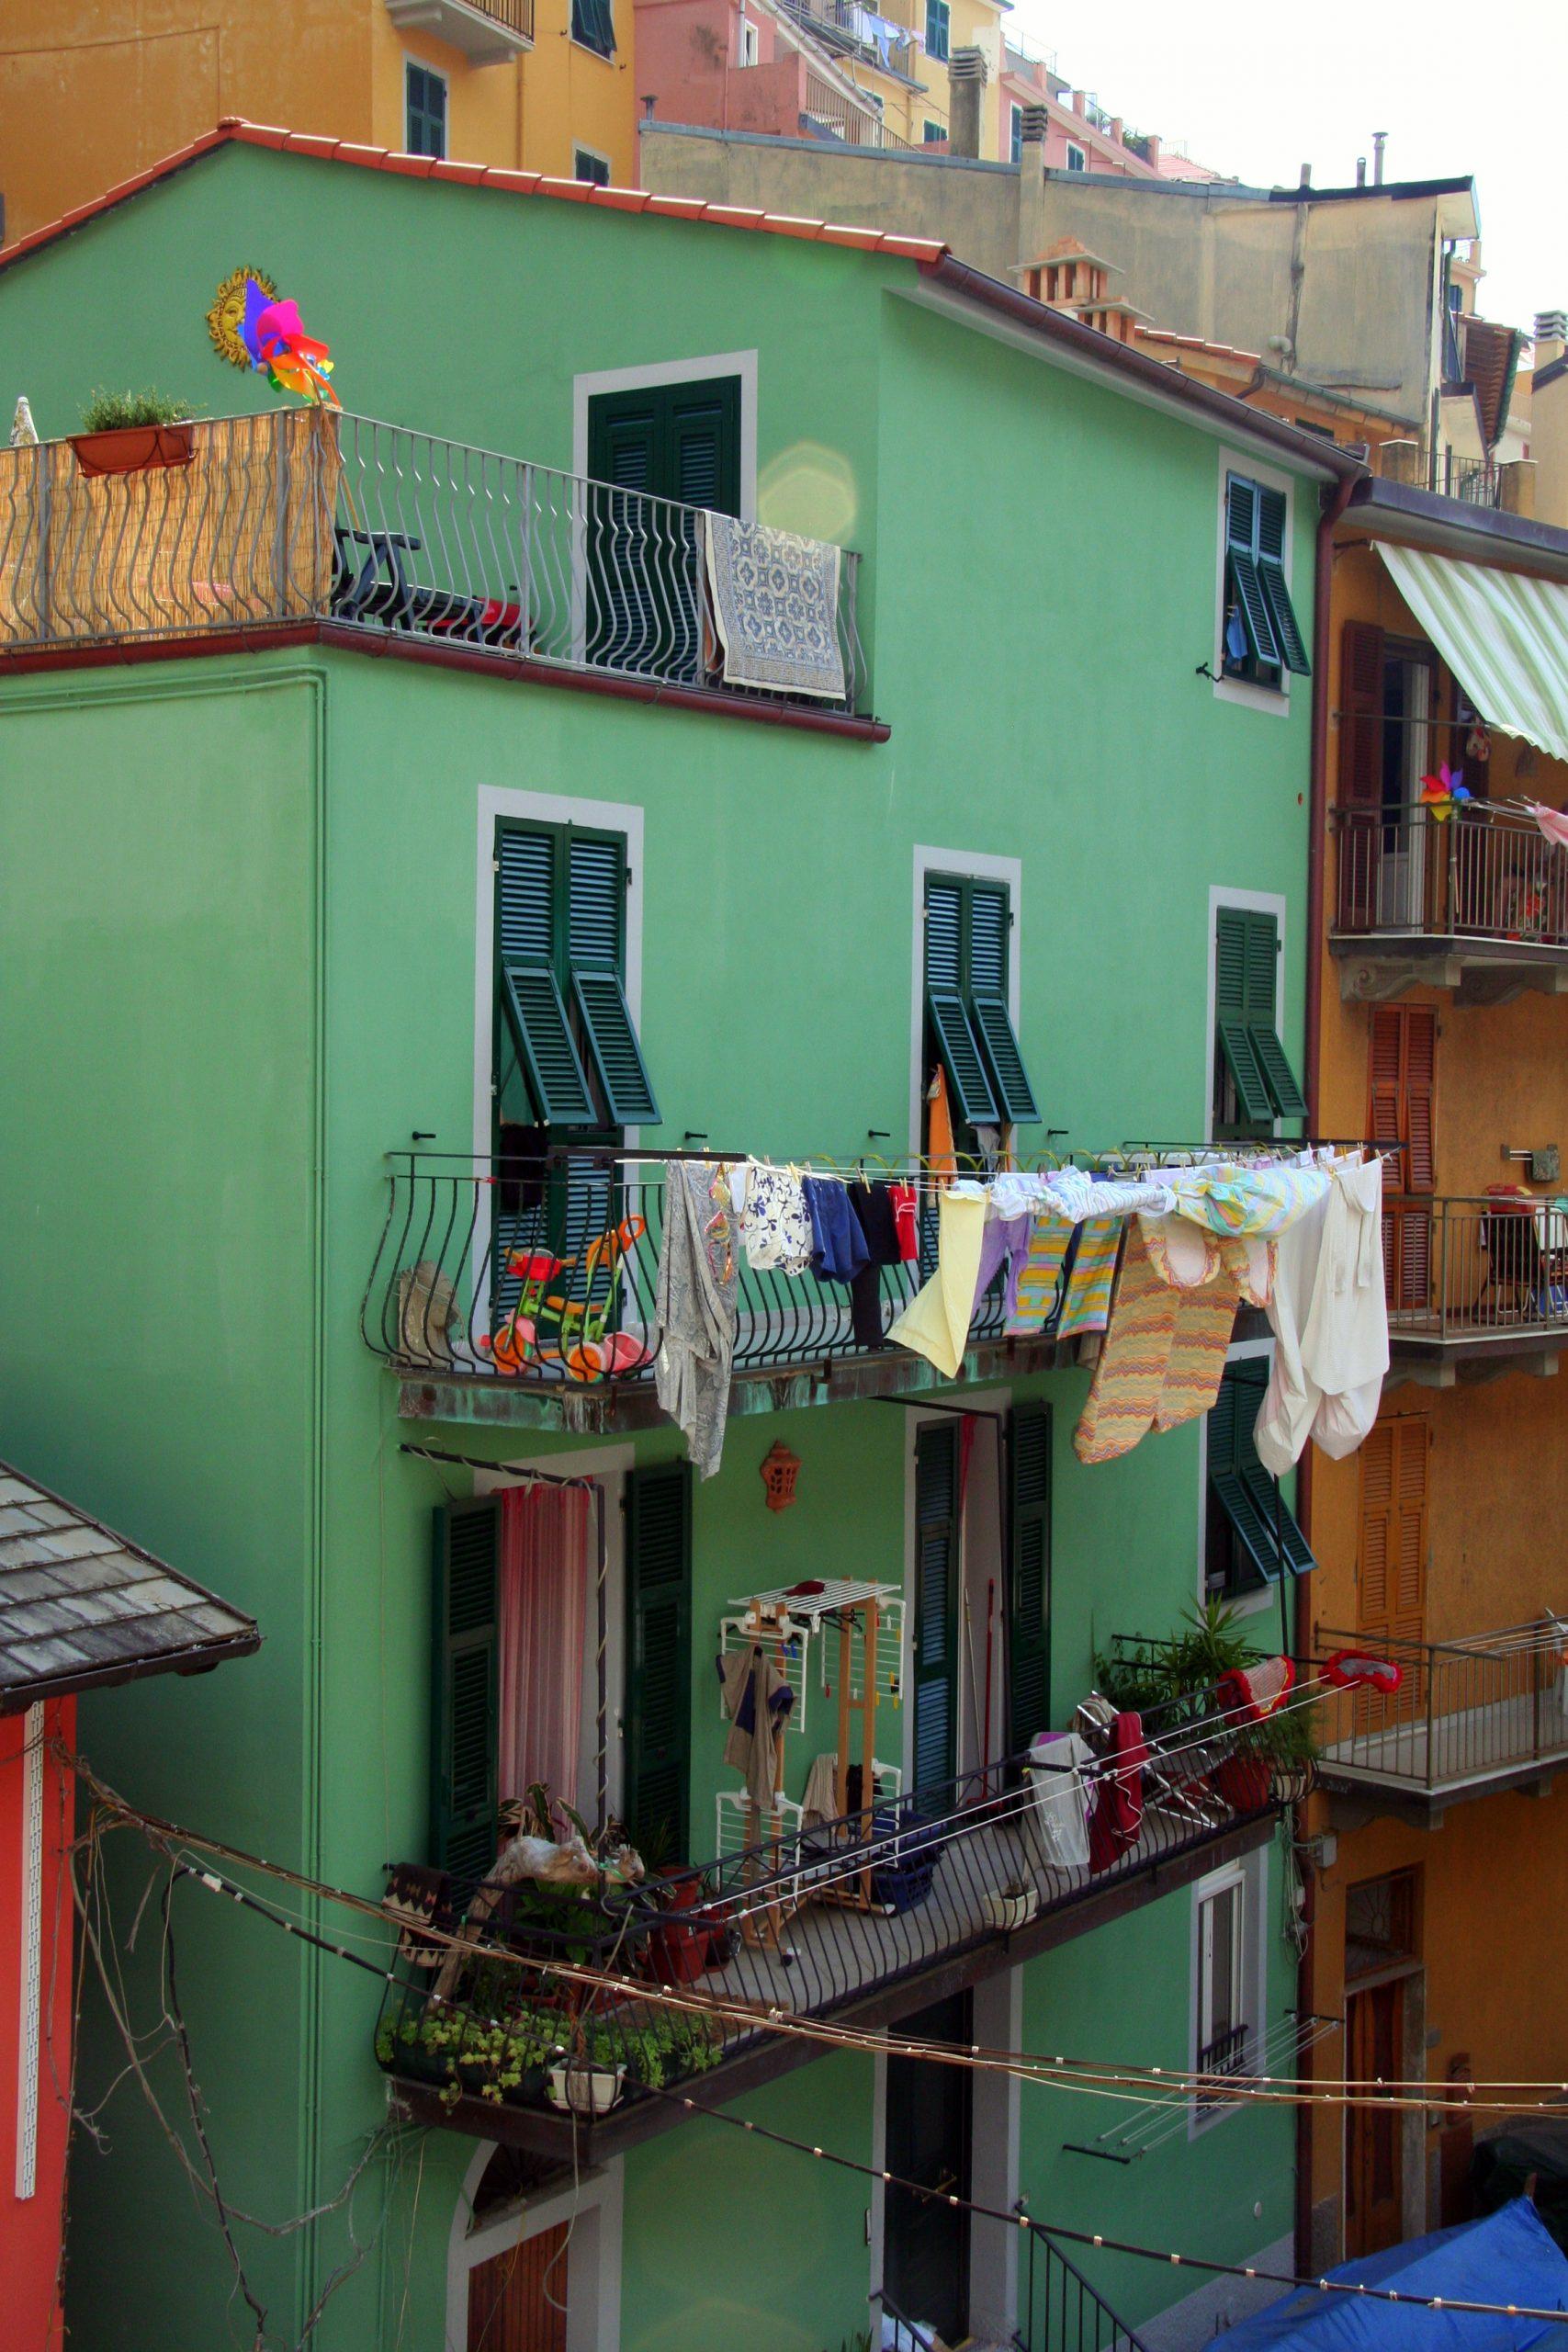 2008, Cinque Terre, Italy